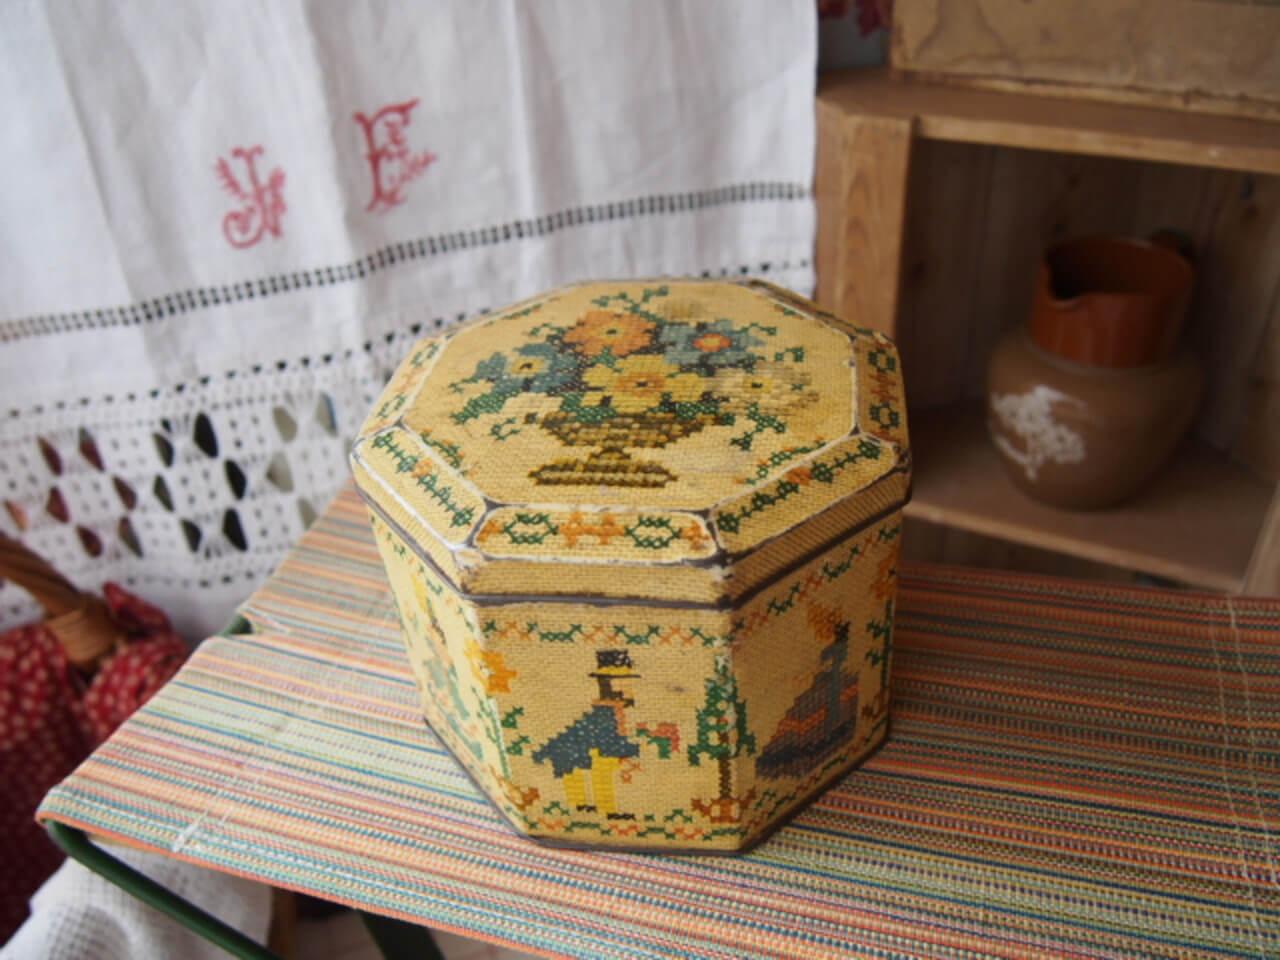 イギリスアンティーク ビスケット缶